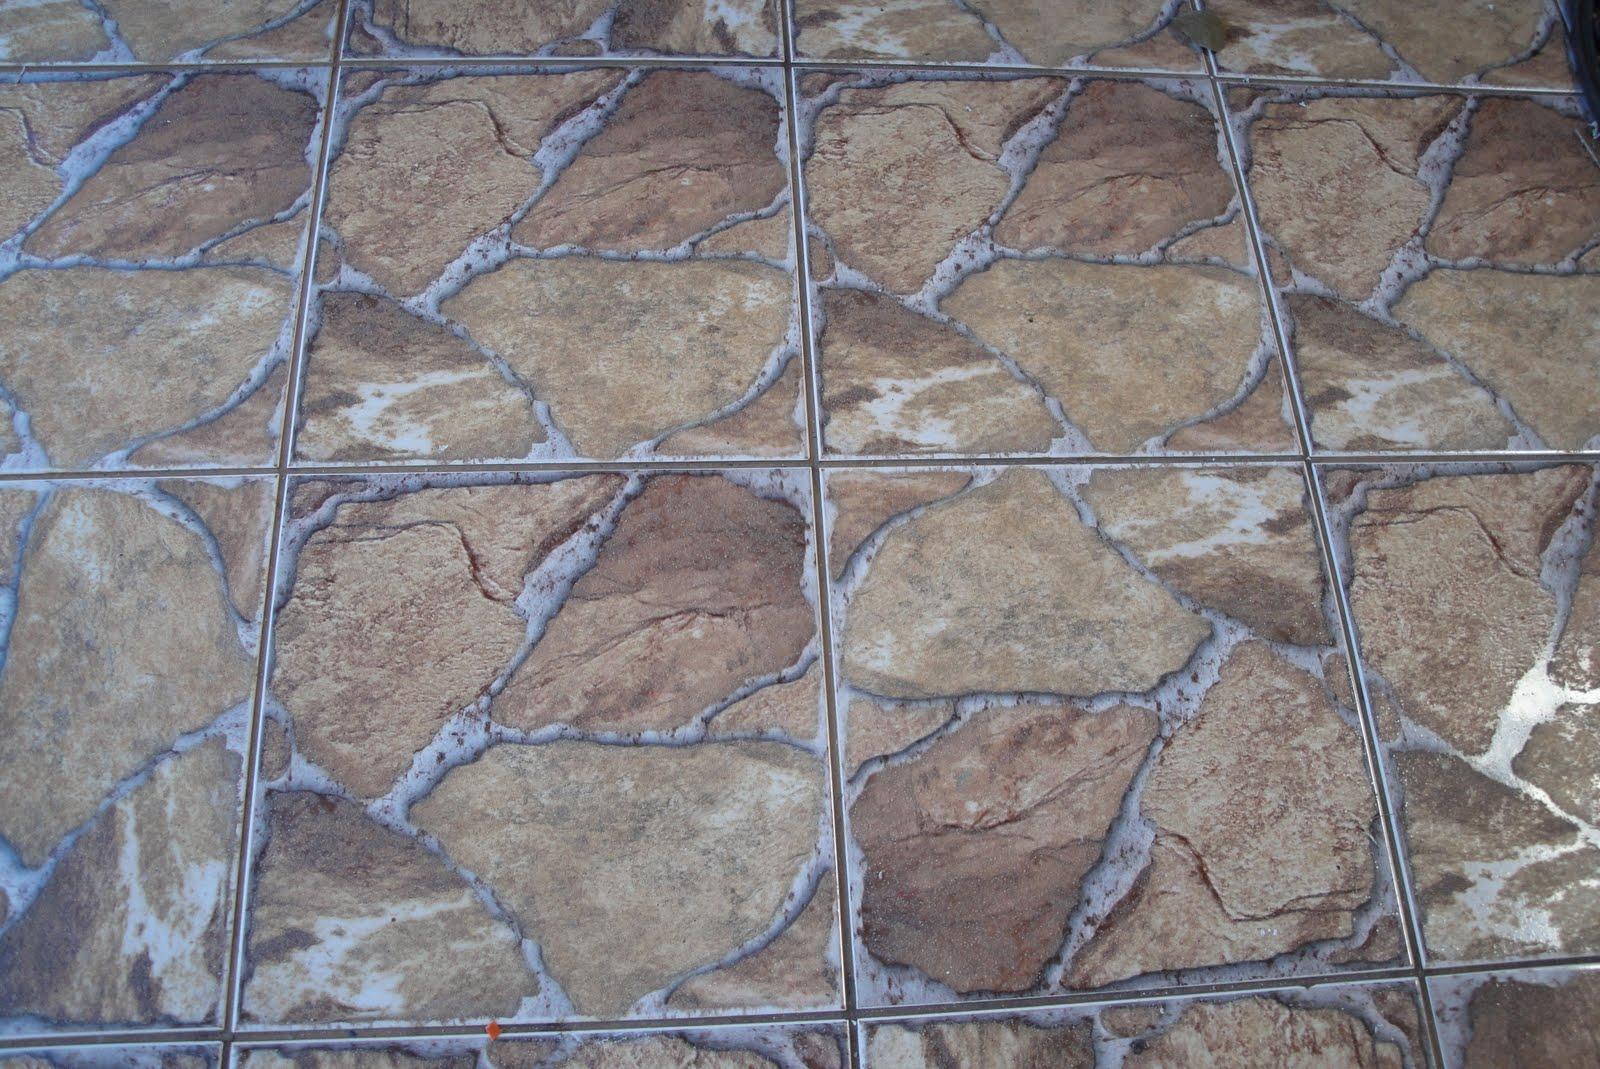 Piso antiderrapante de cer mica porcelanato e pedras for Pisos ceramicos externos